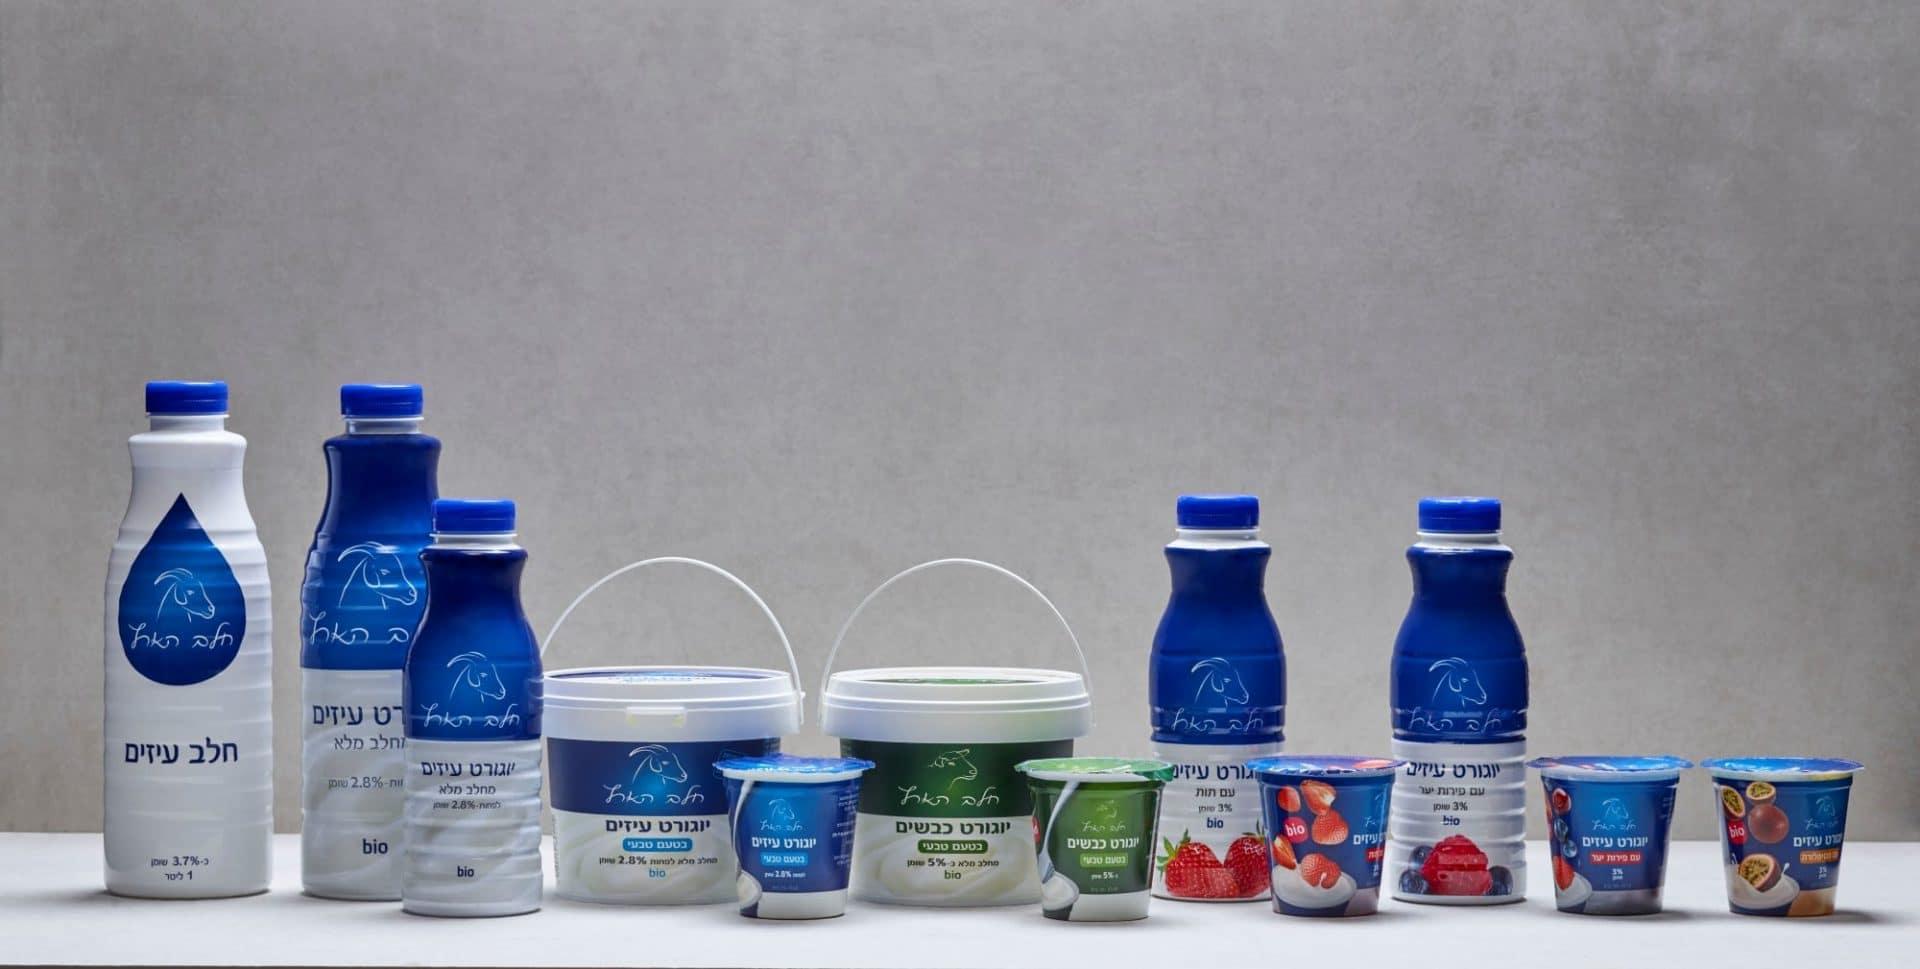 מגוון מוצרי היוגורט של חלב הארץ